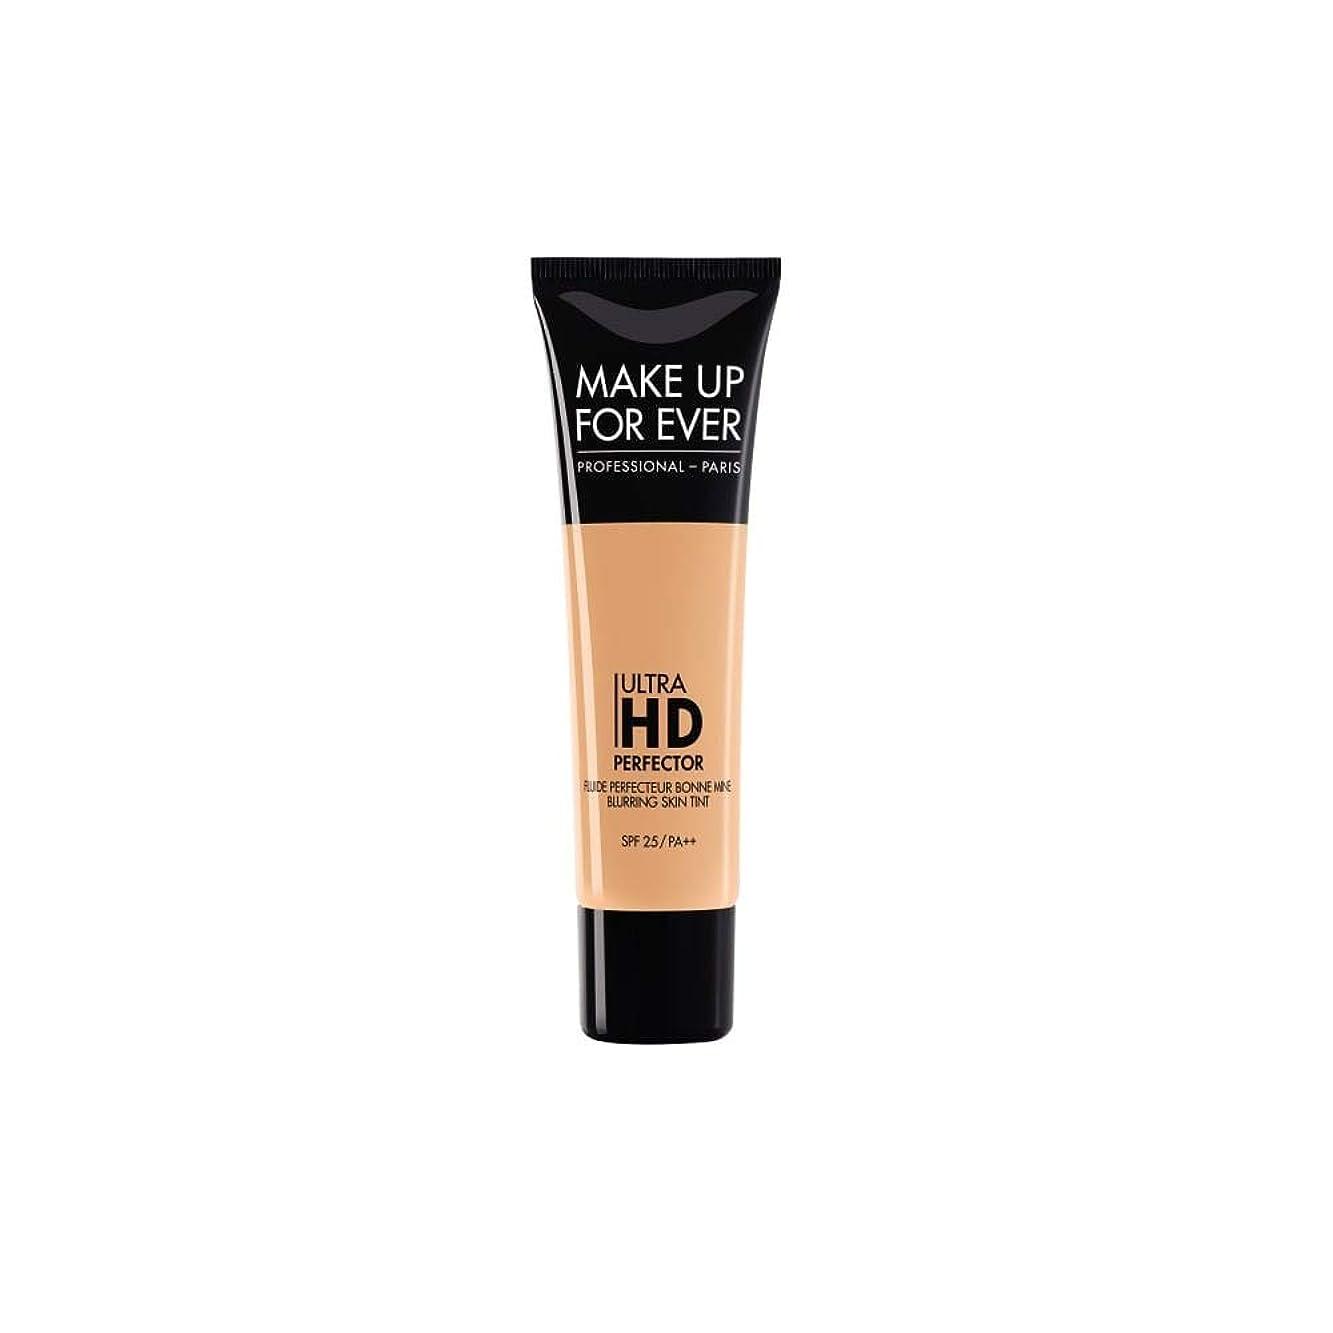 ドラフトジョイントどちらもメイクアップフォーエバー Ultra HD Perfector Blurring Skin Tint SPF25 - # 07 Golden Apricot 30ml/1.01oz並行輸入品